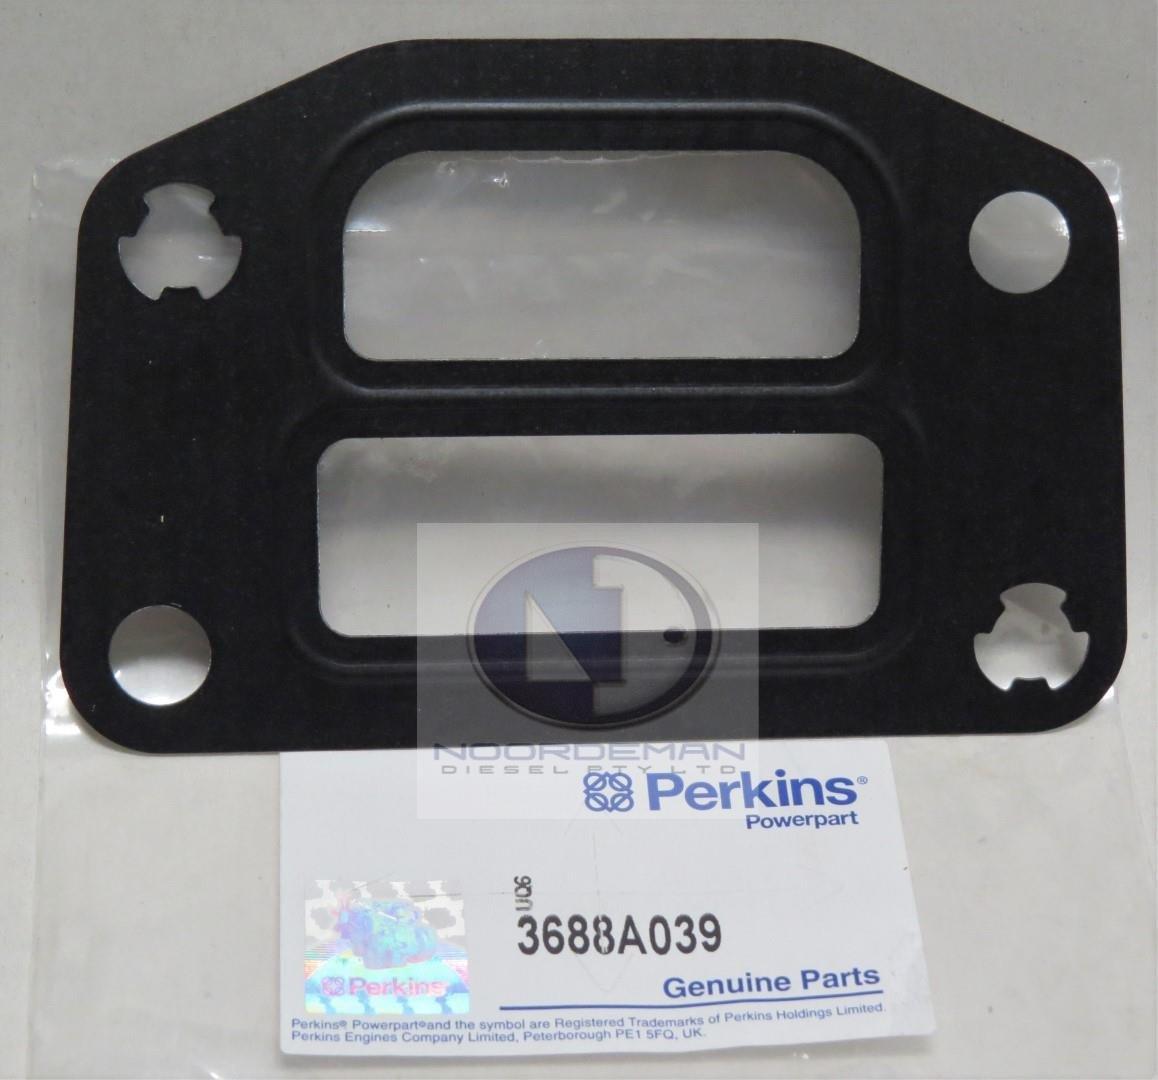 3688A039 Perkins Oil Filter Head Gasket